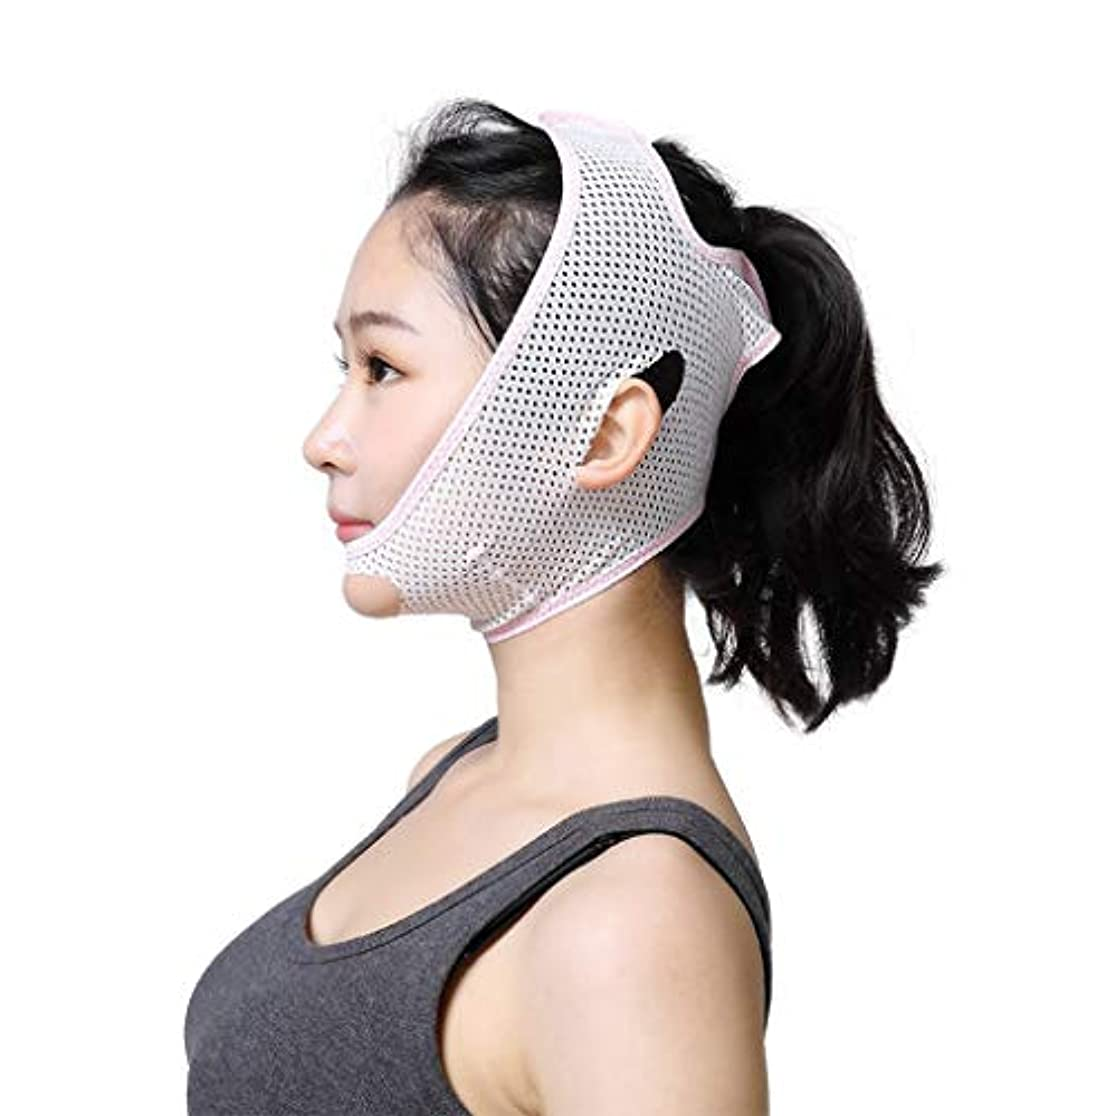 無数の必要性マンモス顔の減量睡眠包帯顔補正美容マスクダブルあごユニセックスに